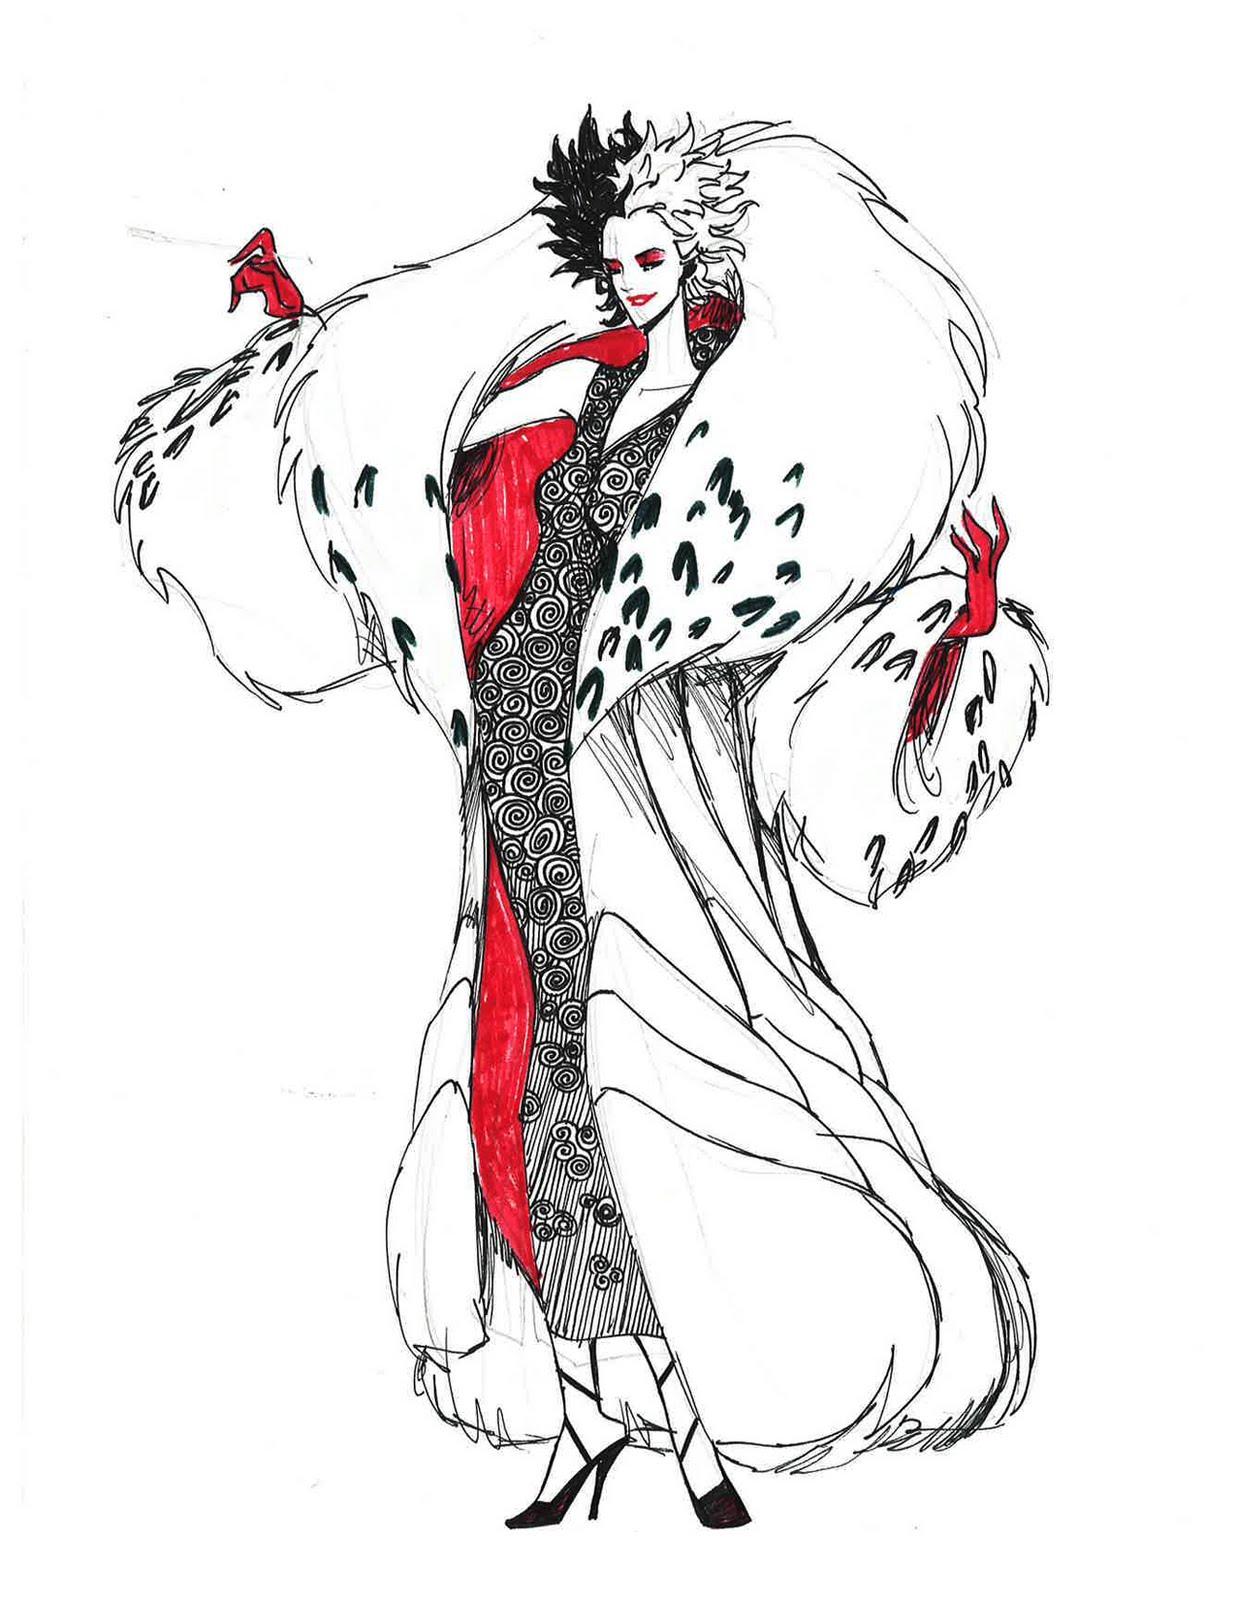 Cruella de vil fashion 21